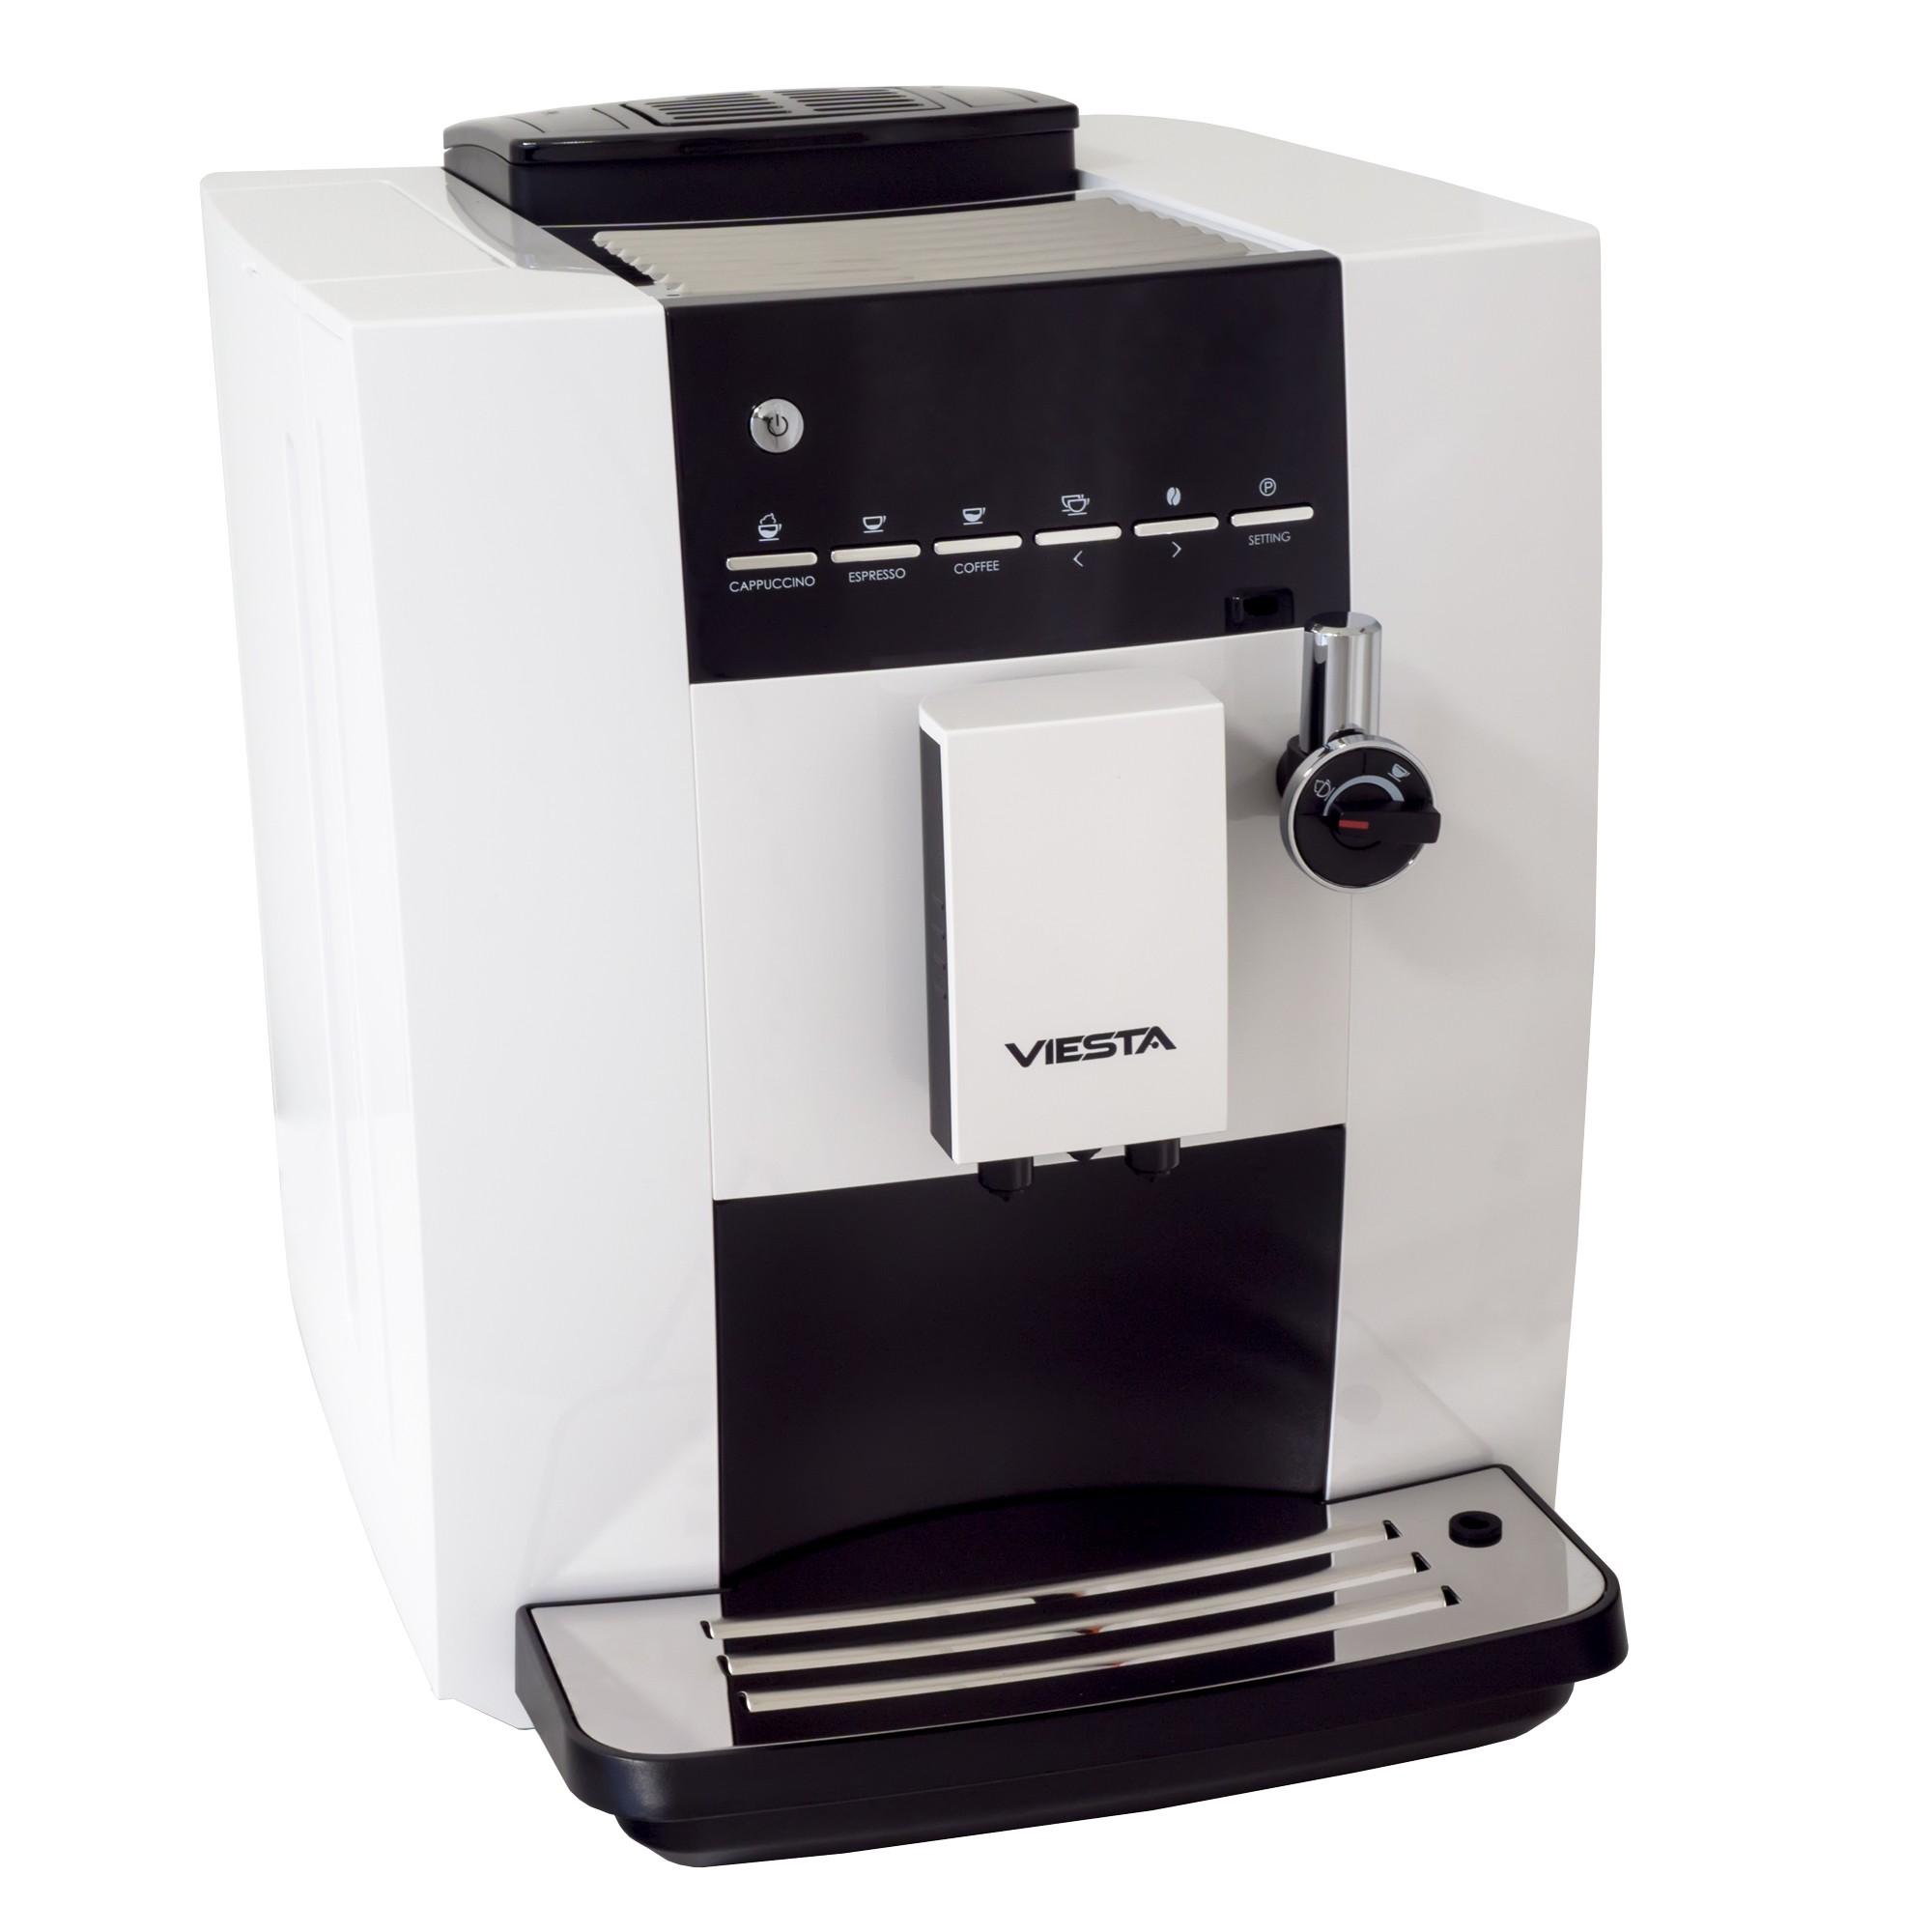 kaffeevollautomat mit milchschlauch kaffeevollautomat mit milchschlauch ikonboard privileg. Black Bedroom Furniture Sets. Home Design Ideas